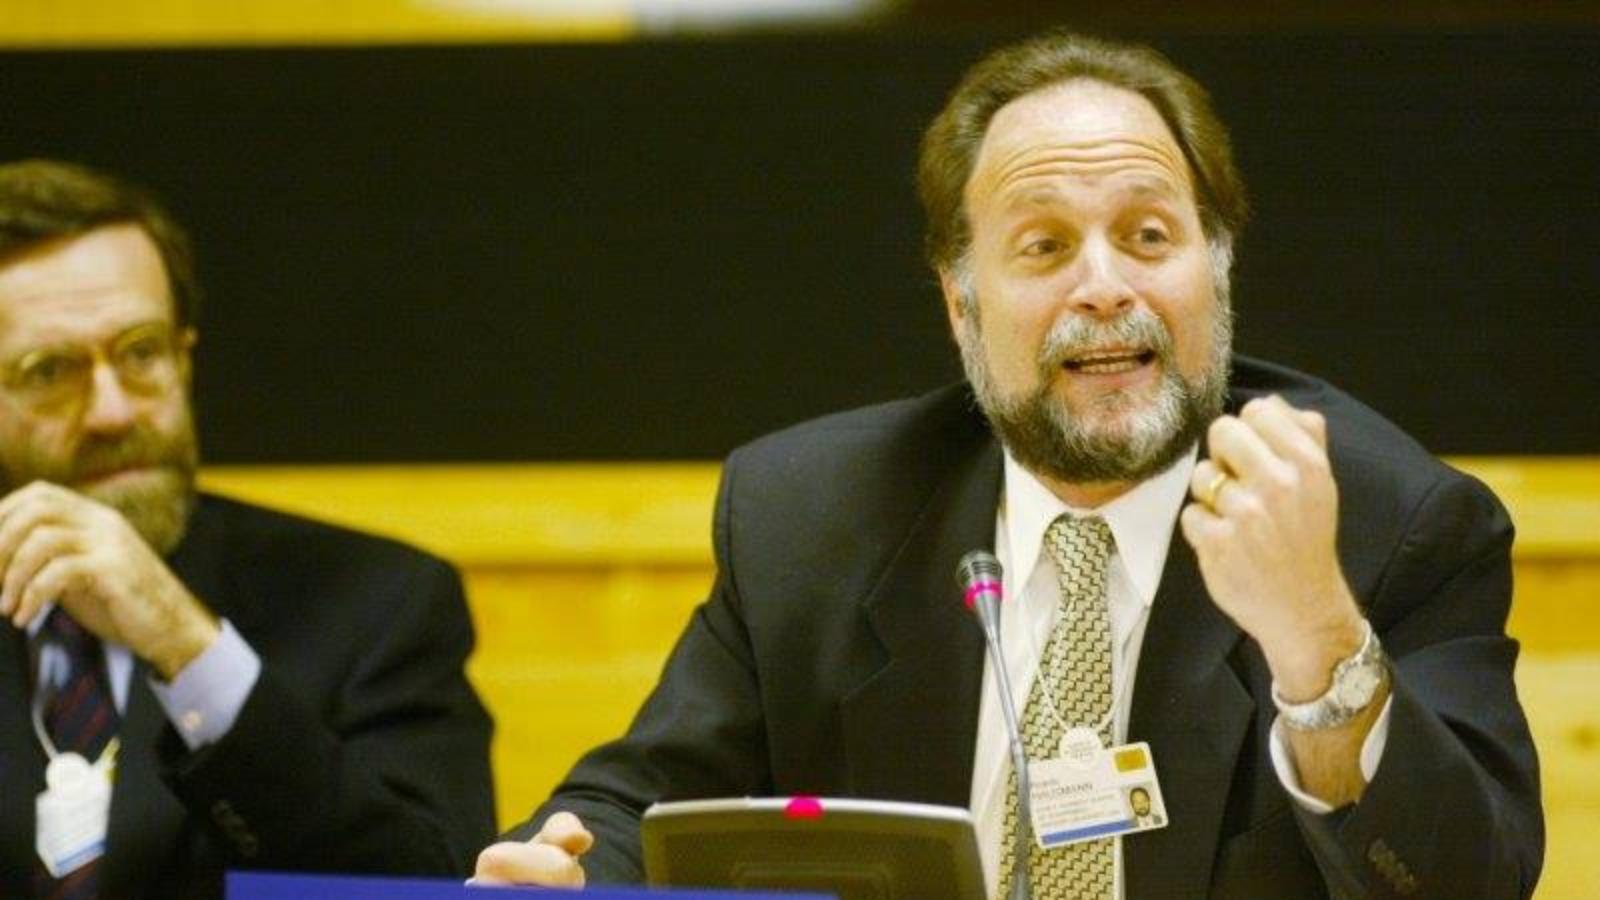 El BID cancela su reunión anual tras controversia por Venezuela